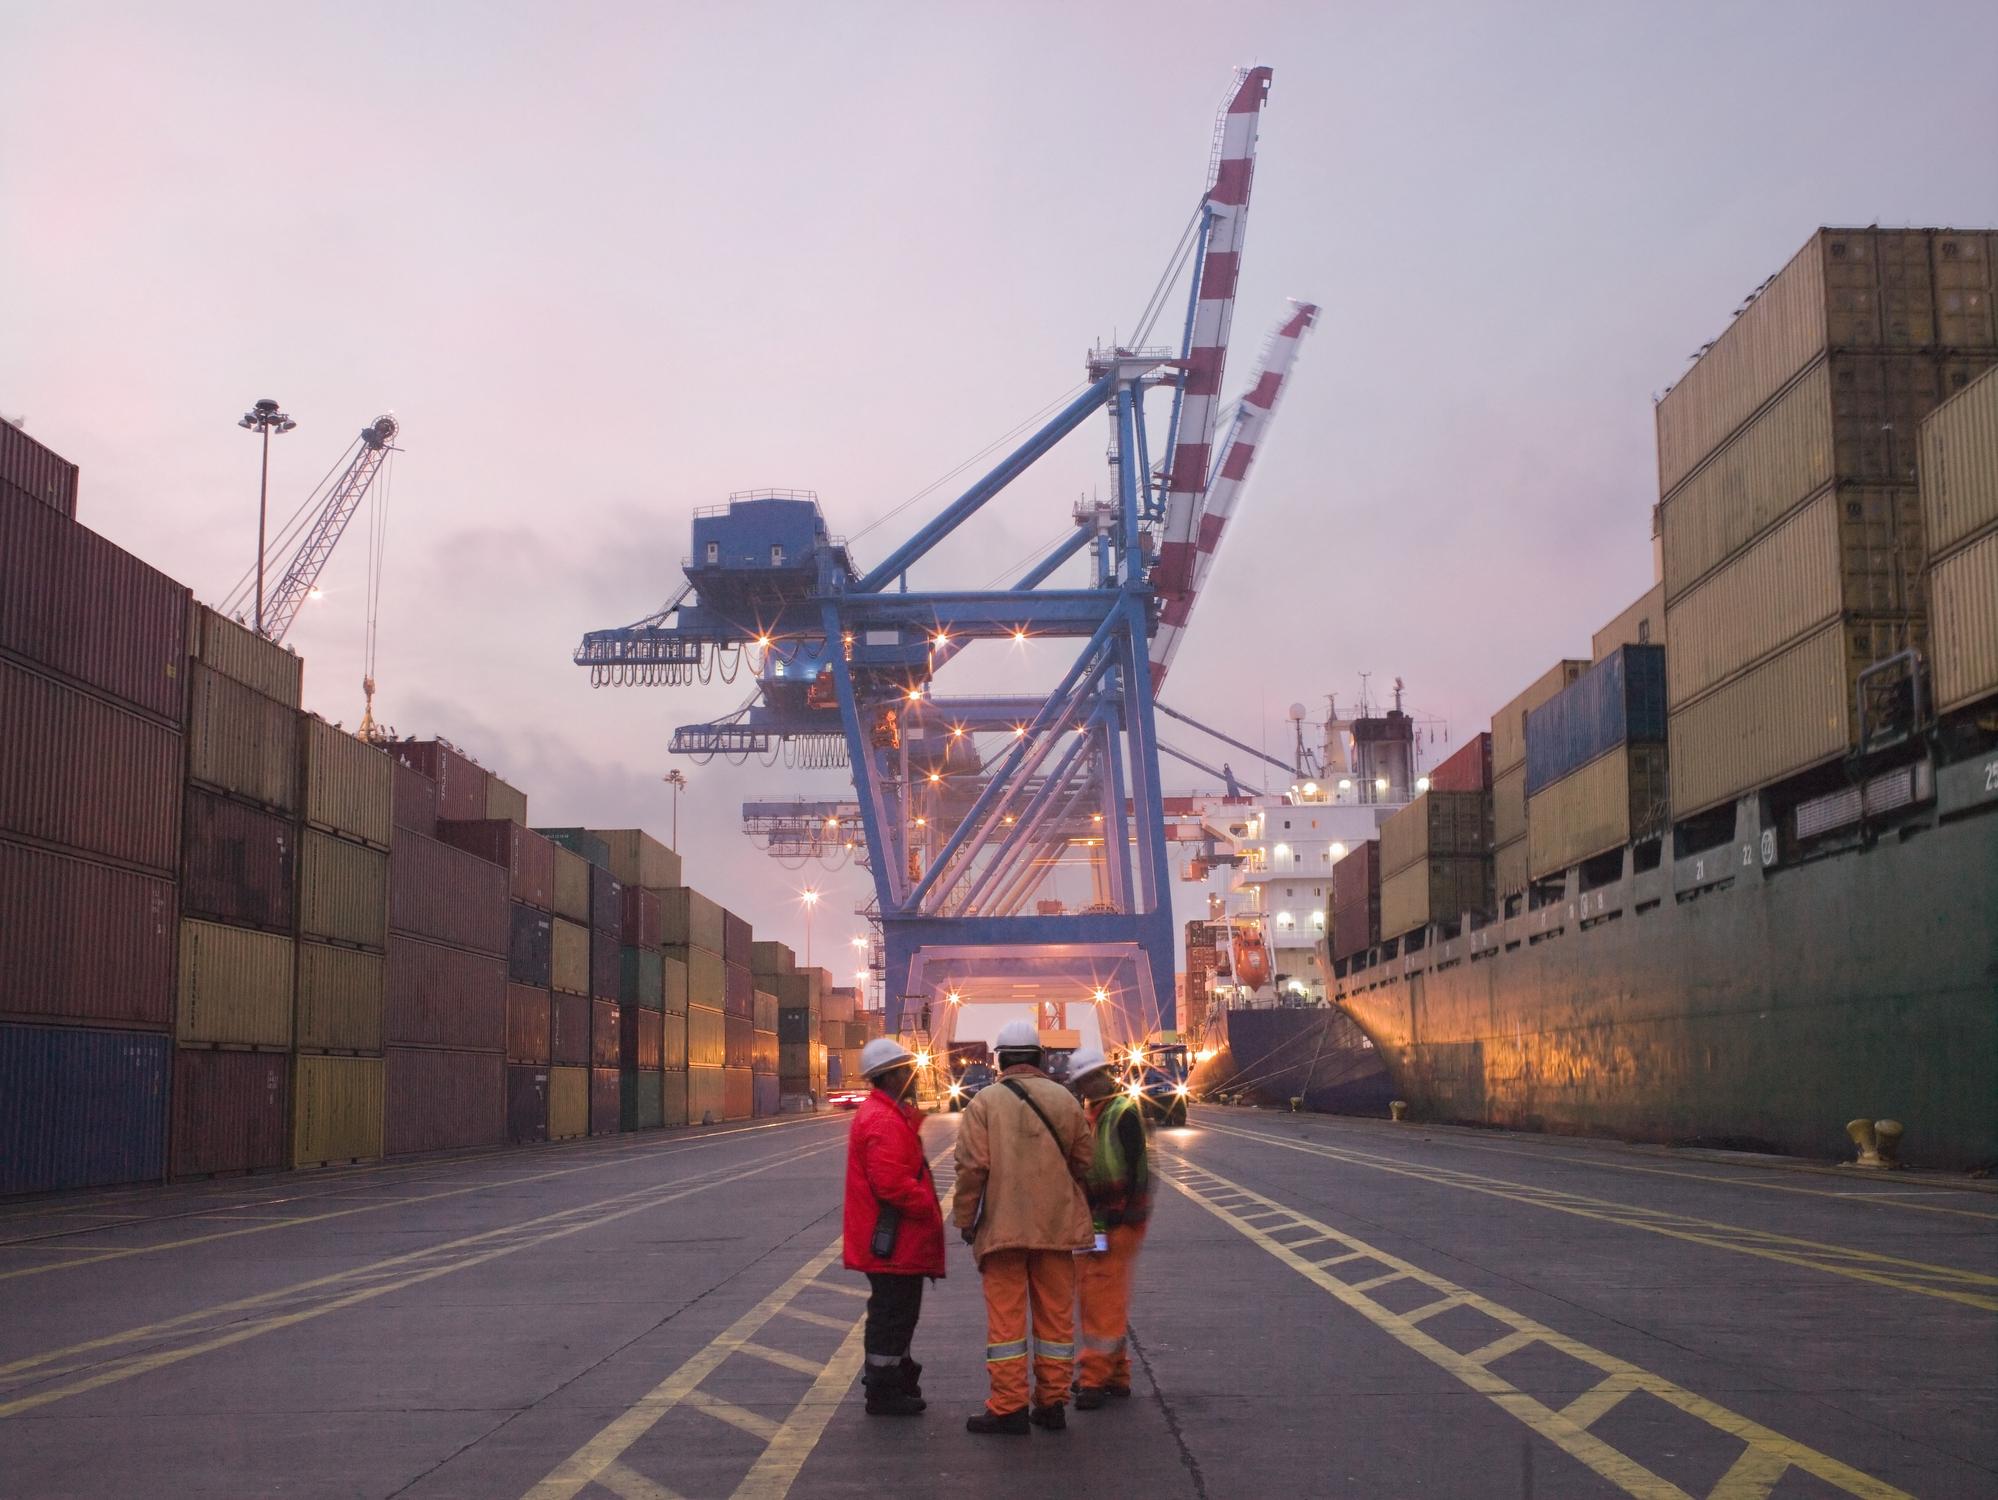 workers-talking-in-a-shipping-yardjpg